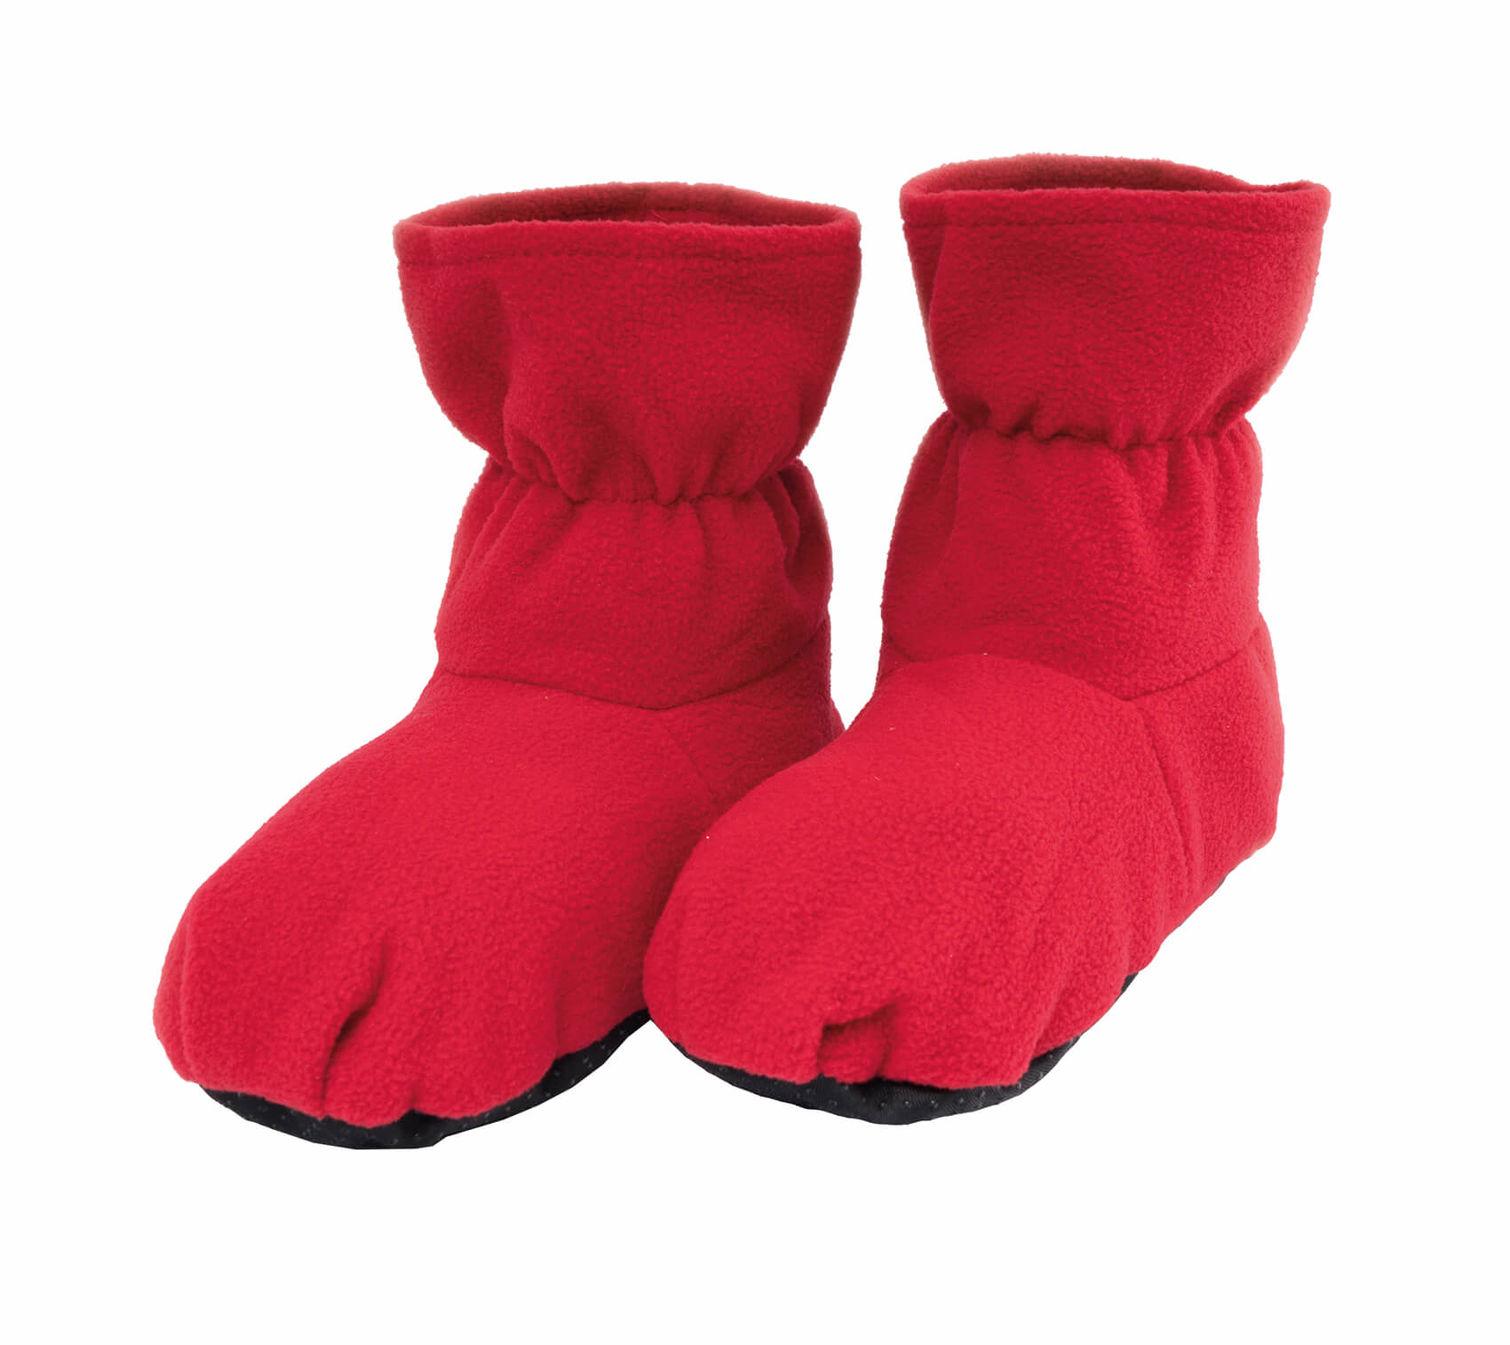 nuovo elenco negozio ufficiale Los Angeles Fusion pantofole di calore wellness rosse